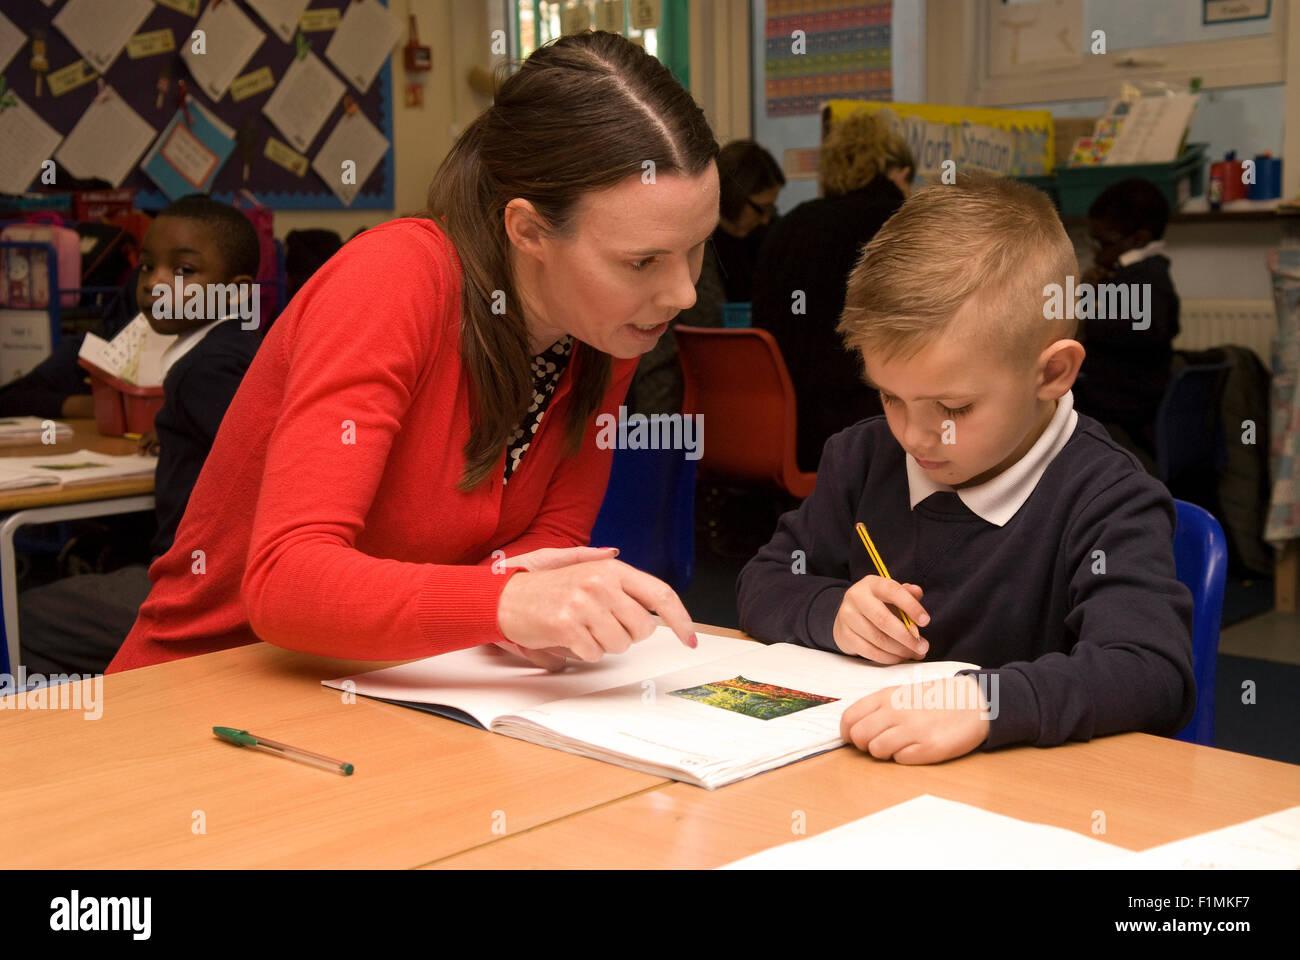 Grundschullehrerin, die Unterstützung der Schüler im Klassenzimmer, London, UK. Stockbild